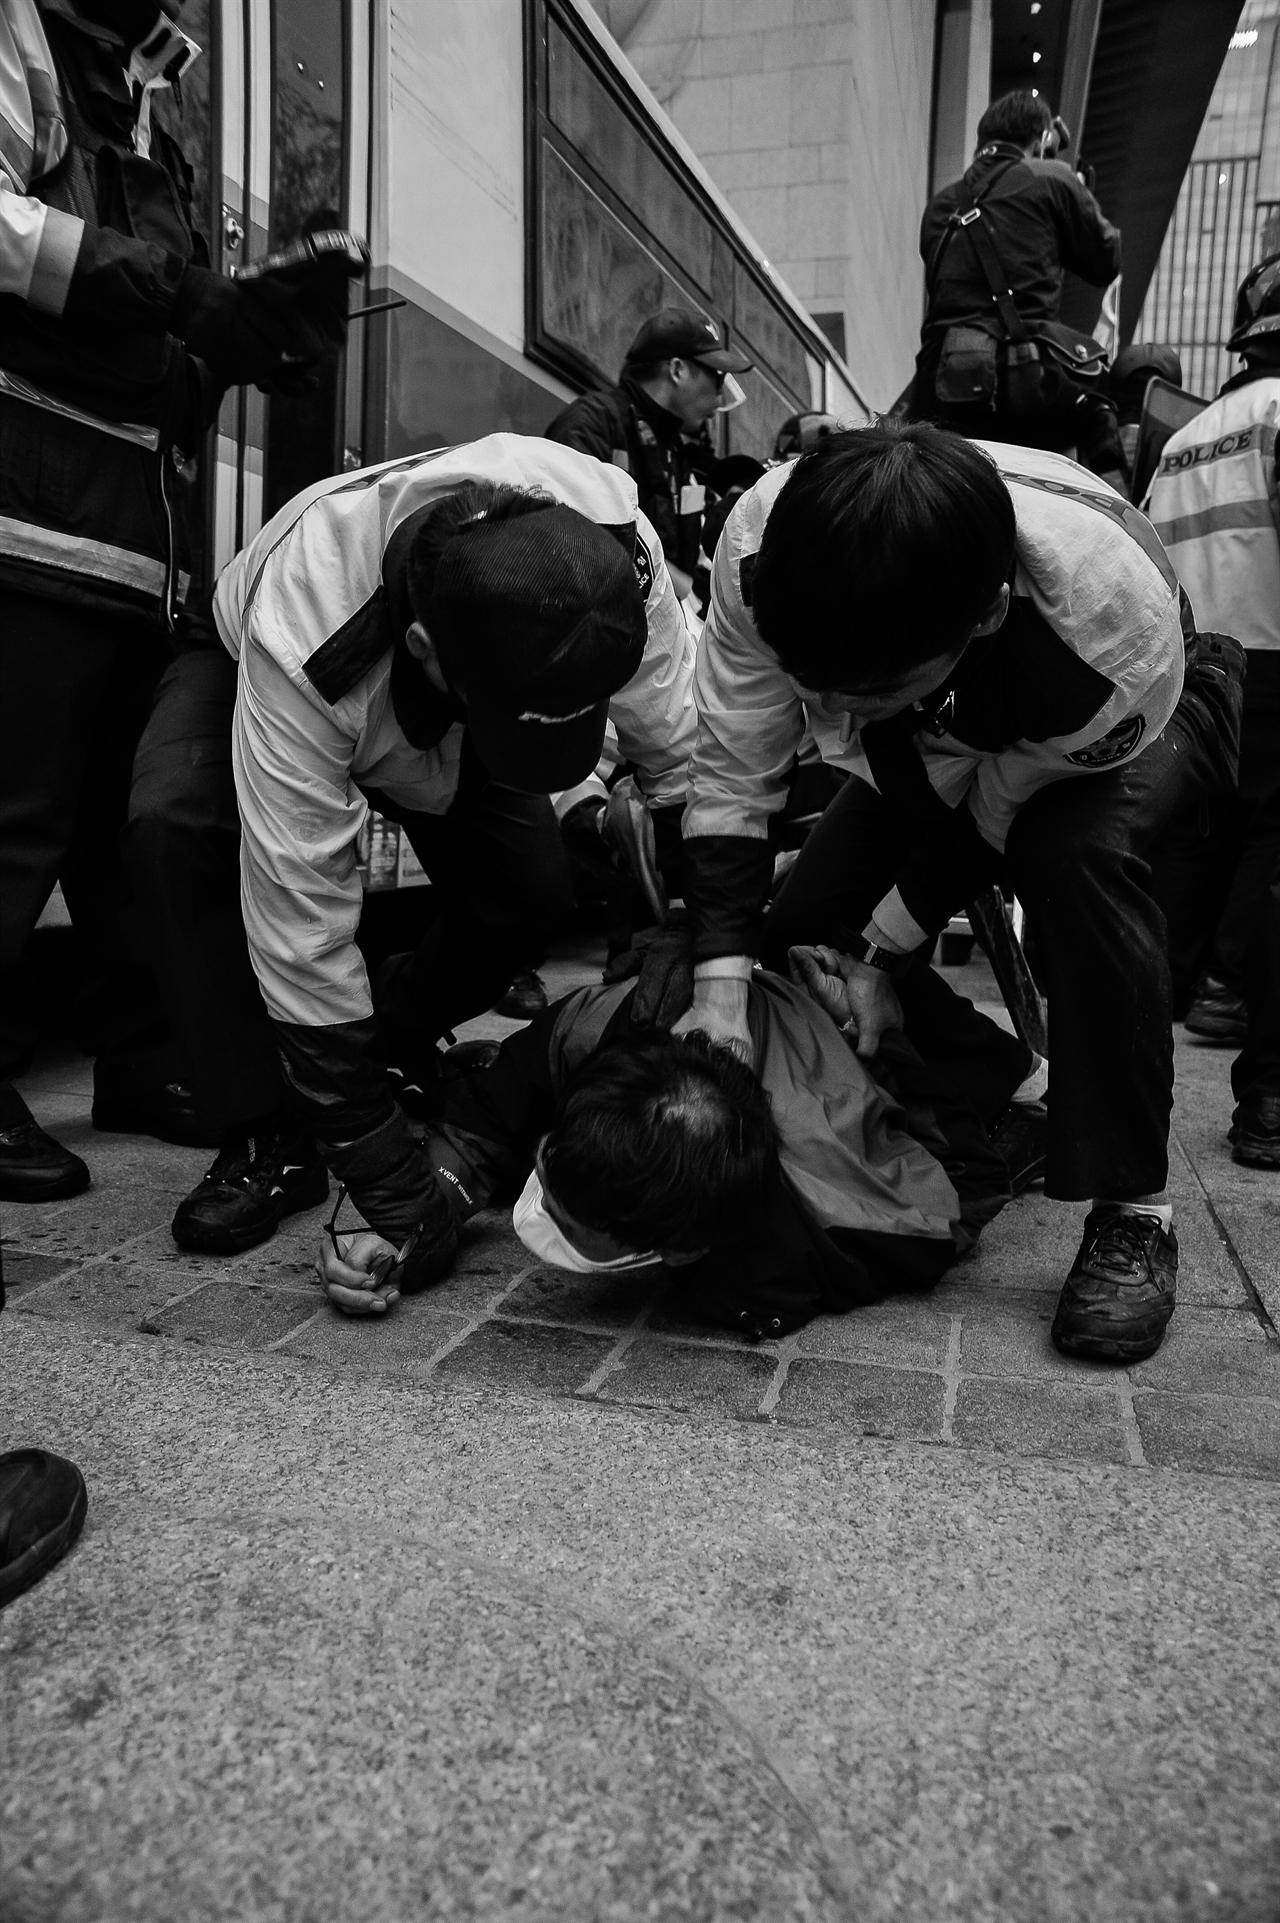 2015년 4월 18일 광화문, 세월호 추모행진 광화문 부근에서 경찰이 한 참가자의 목을 눌러 강제로 연행하고 있다.